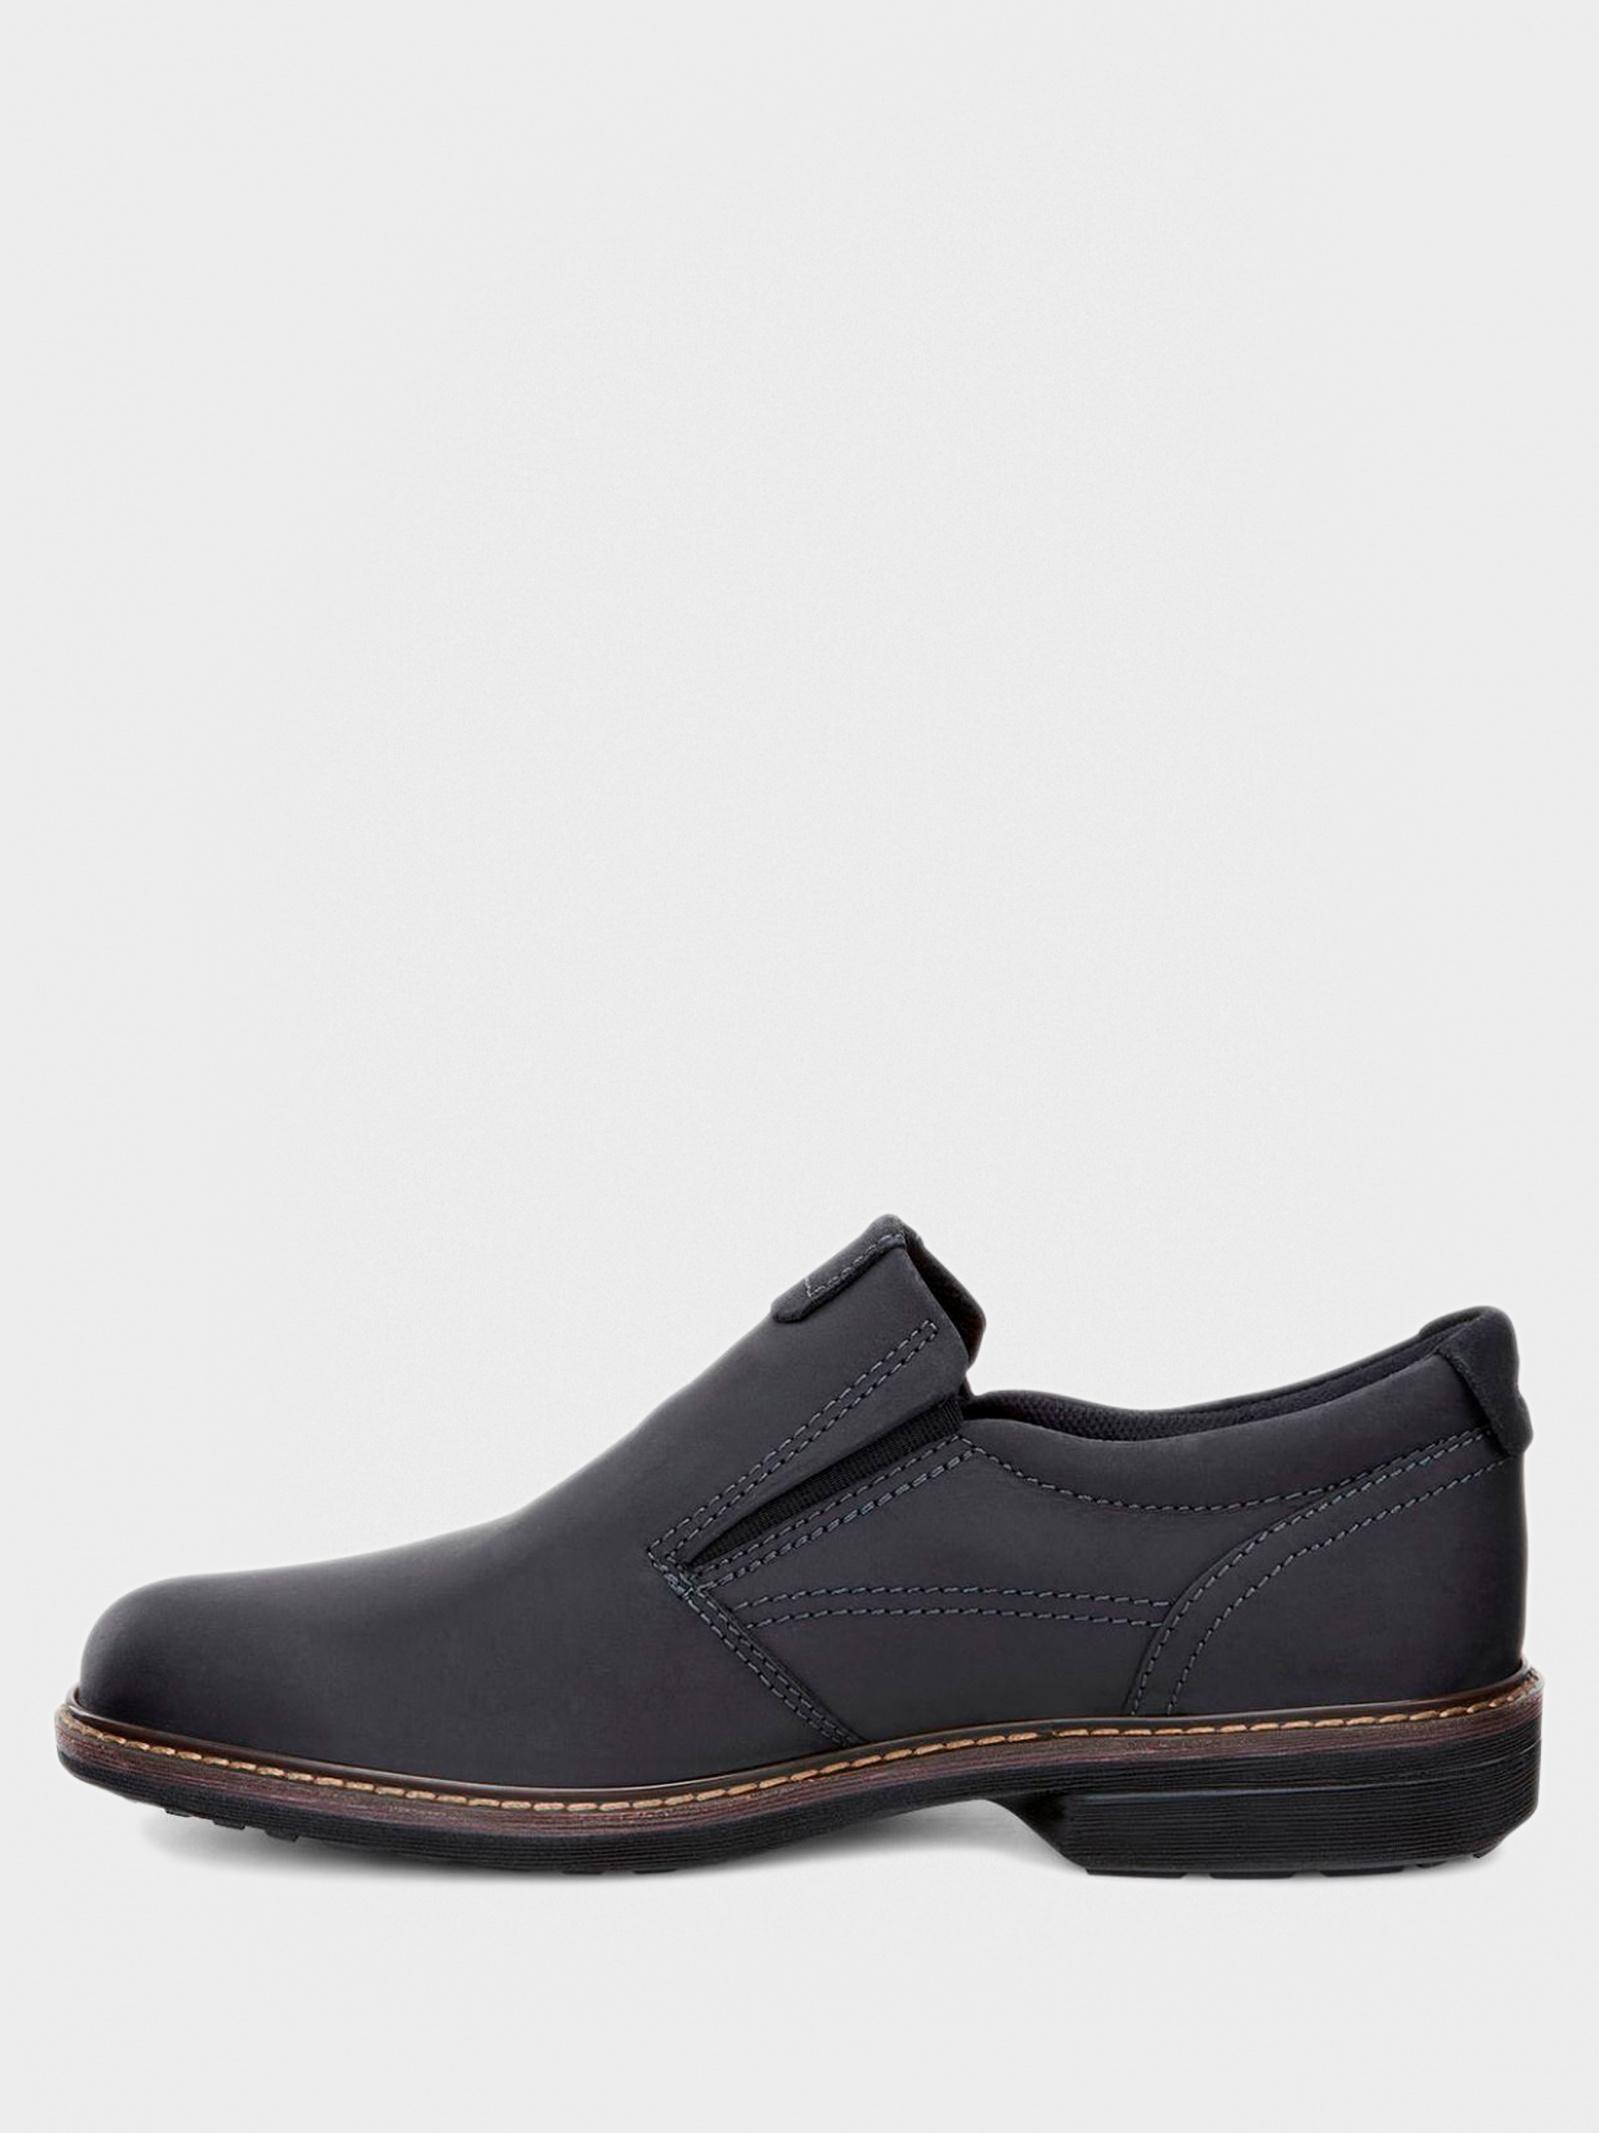 Туфлі  для чоловіків ECCO 51018451052 модне взуття, 2017